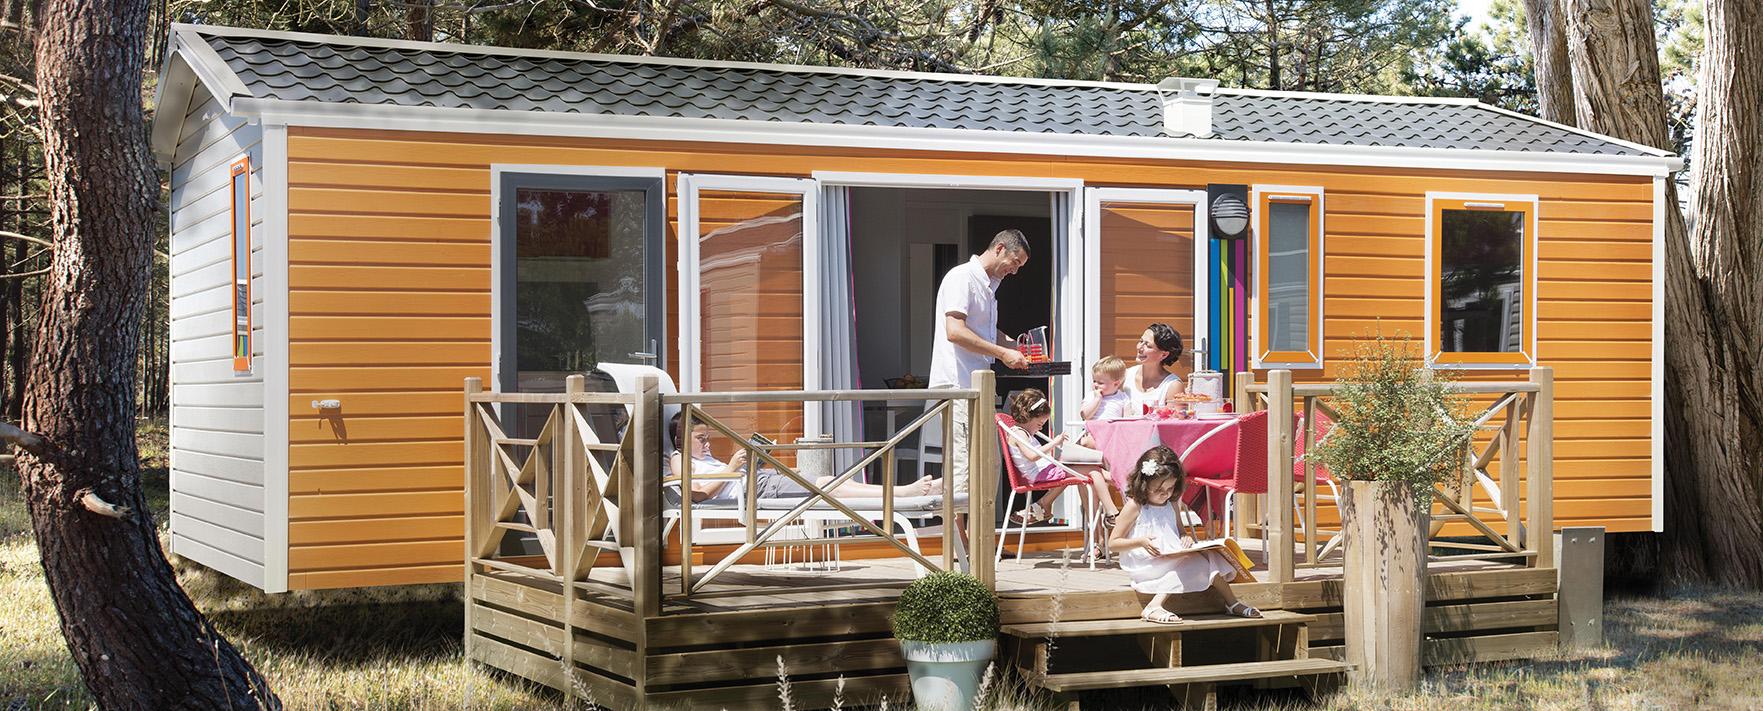 Constructeur de mobil-homes pour particuliers - mobil-home Rideau